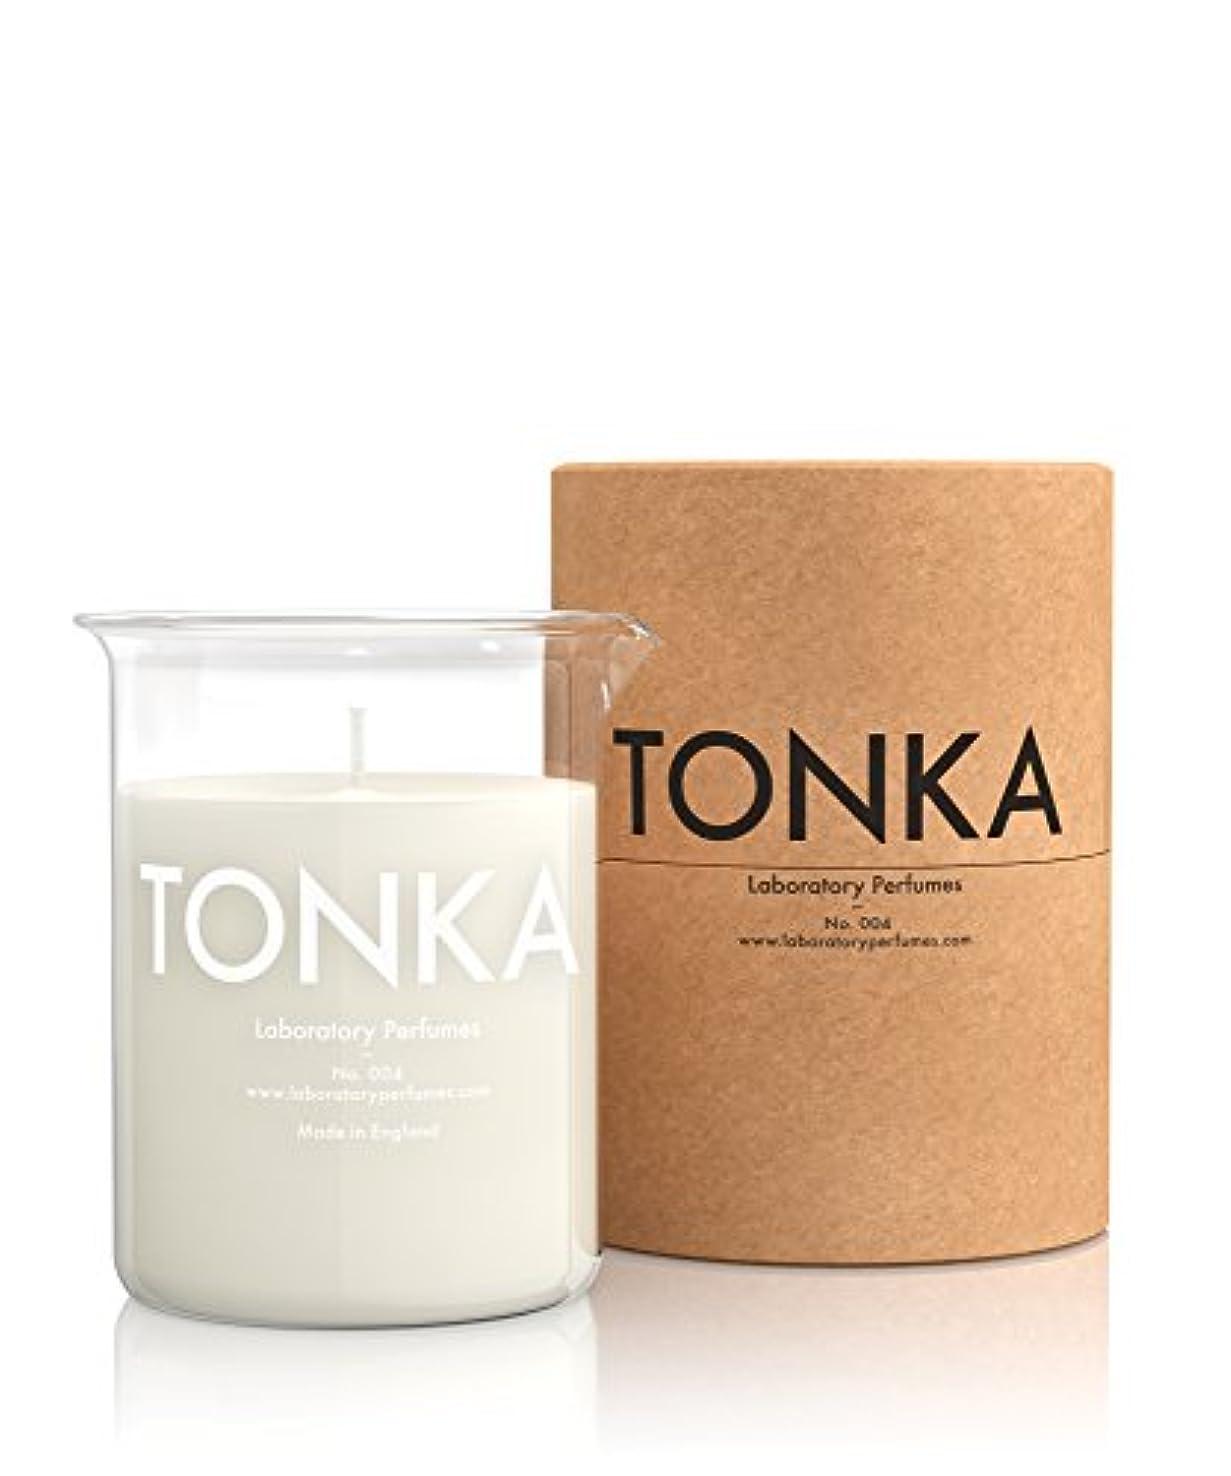 ハント偽好奇心盛Labortory Perfumes キャンドル トンカ Tonka (アロマティックオリエンタル Aromatic Oriental) Candle ラボラトリー パフューム